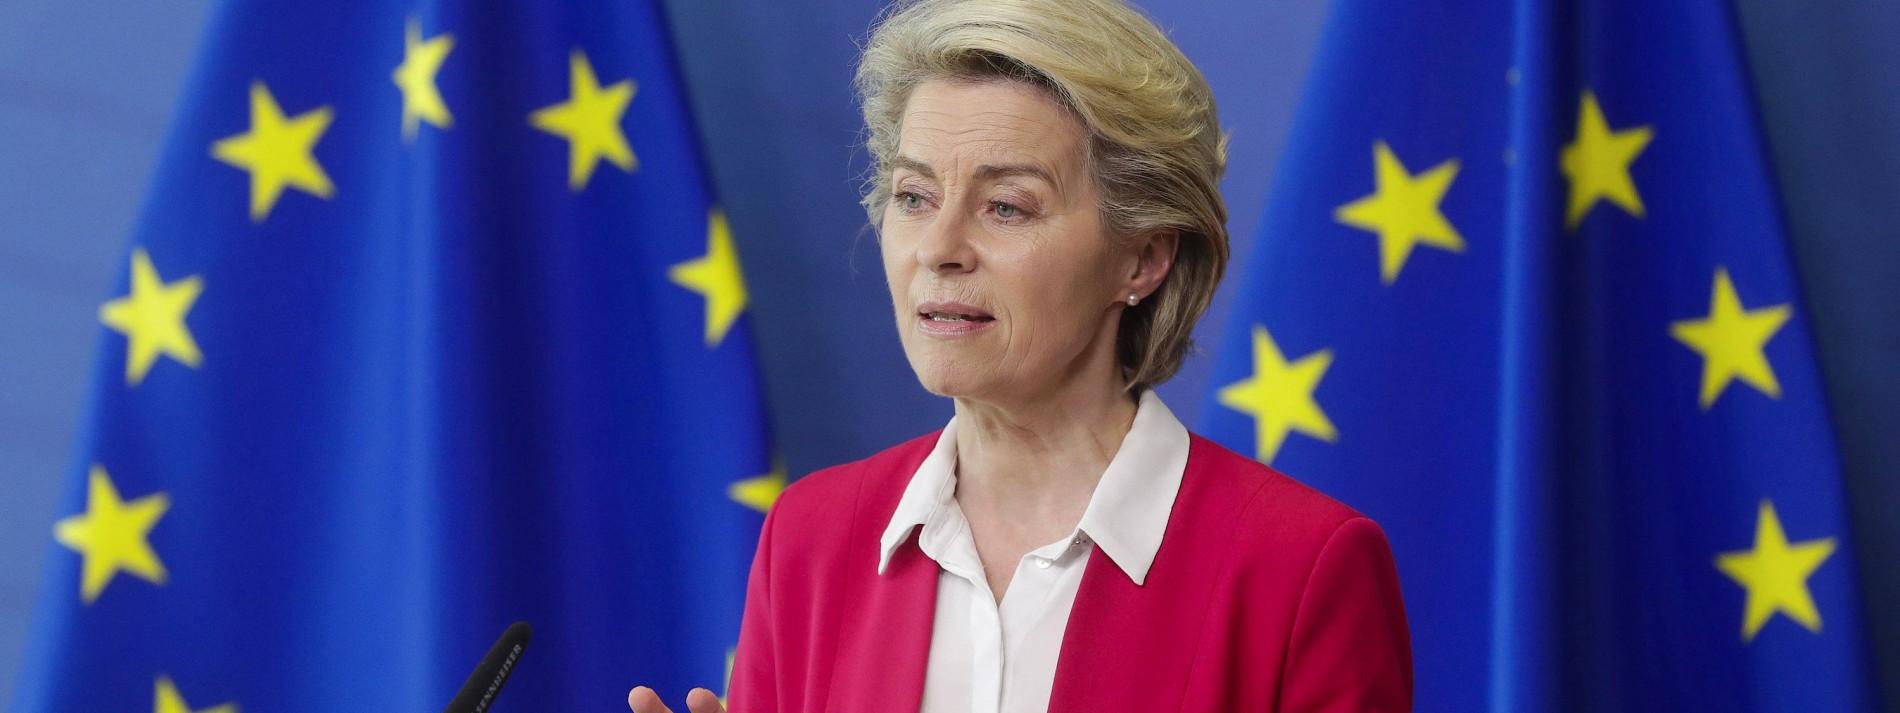 Europäische Kommission genehmigt erste Corona-Aufbaupläne